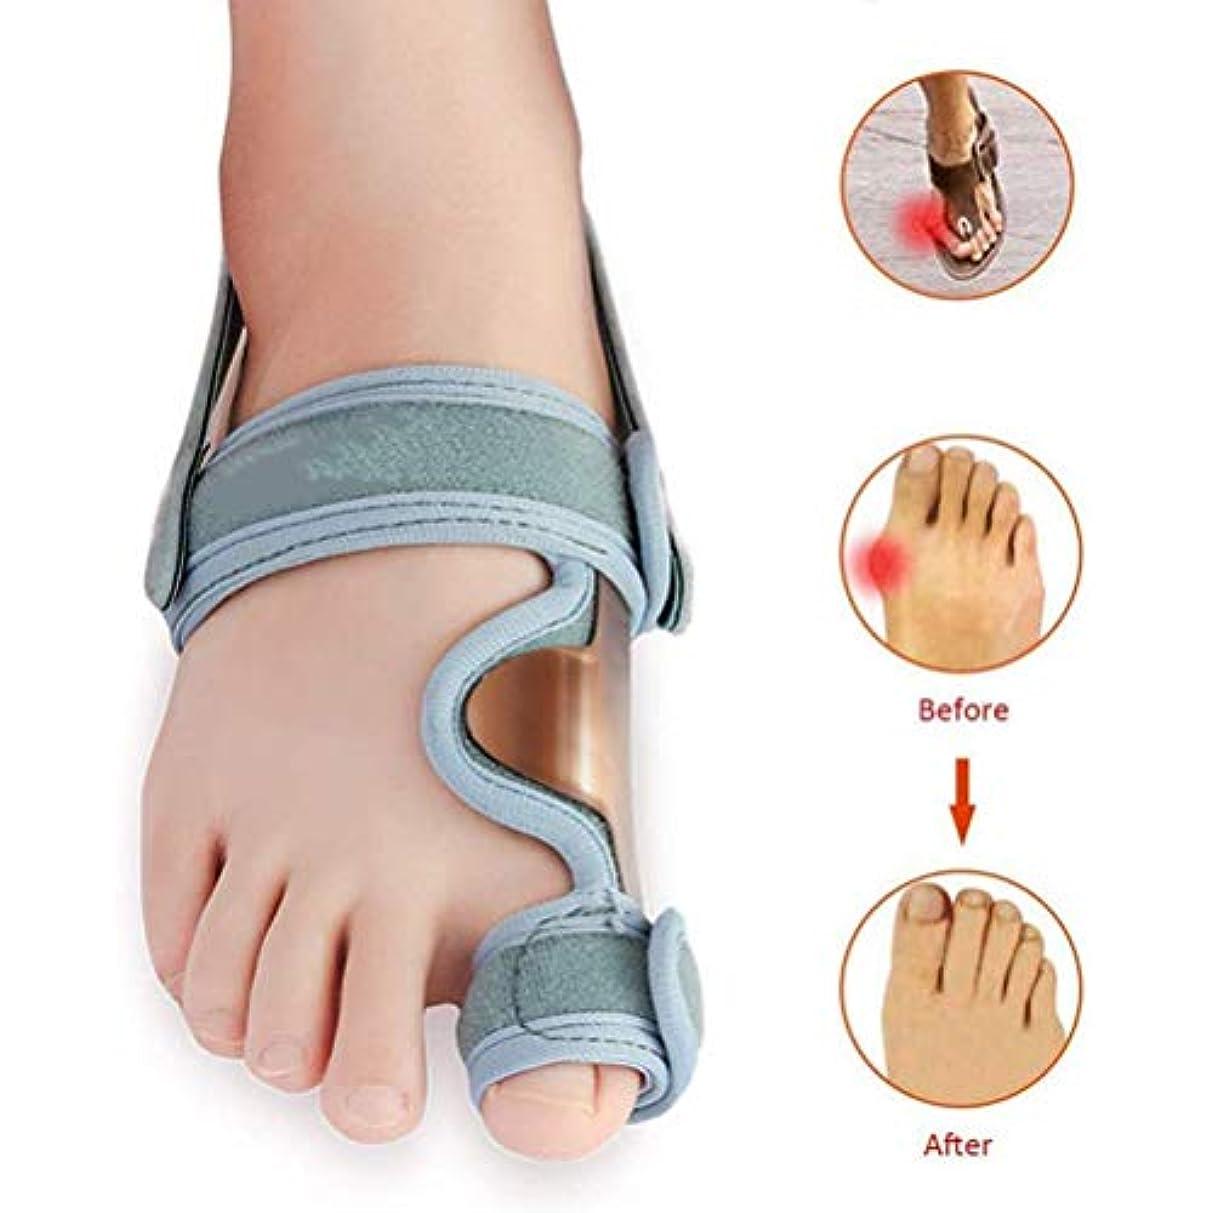 拍手するコーンウォールシャンプー整形外科腱膜瘤コレクター、外反母趾サポートブレーススプリントパッド親指セパレータストレート、女性と男性のための関節炎の痛みパッケージ、 1 個 (そうだね)